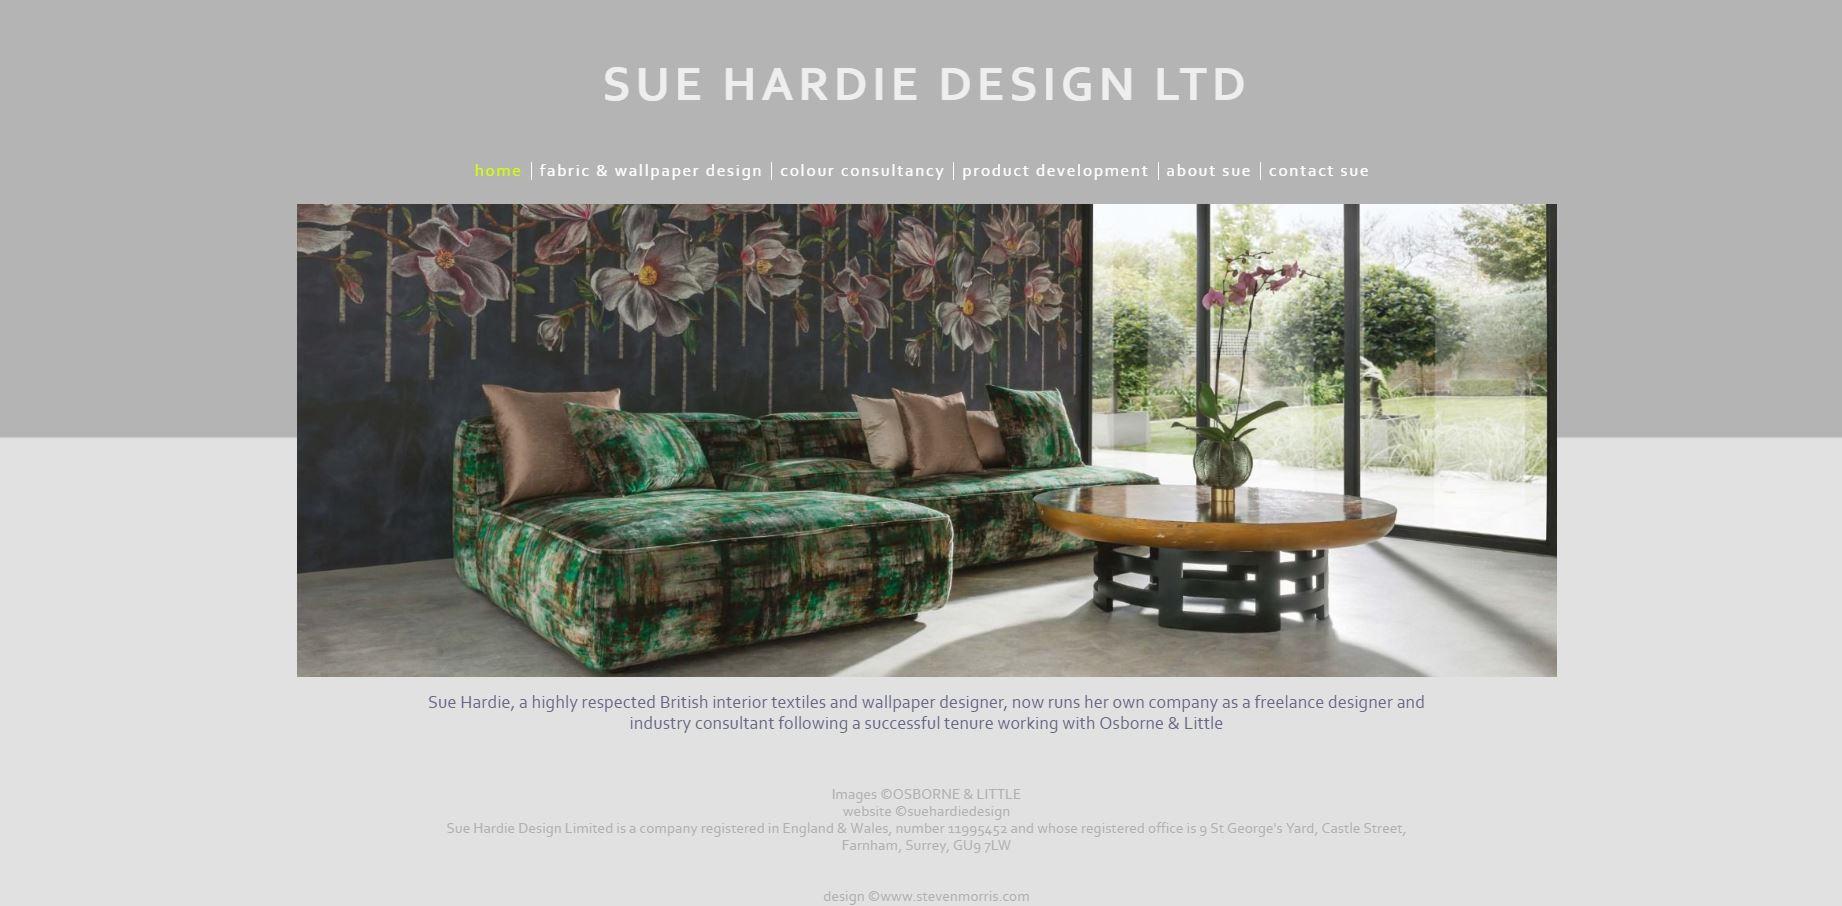 Sue Hardie Design